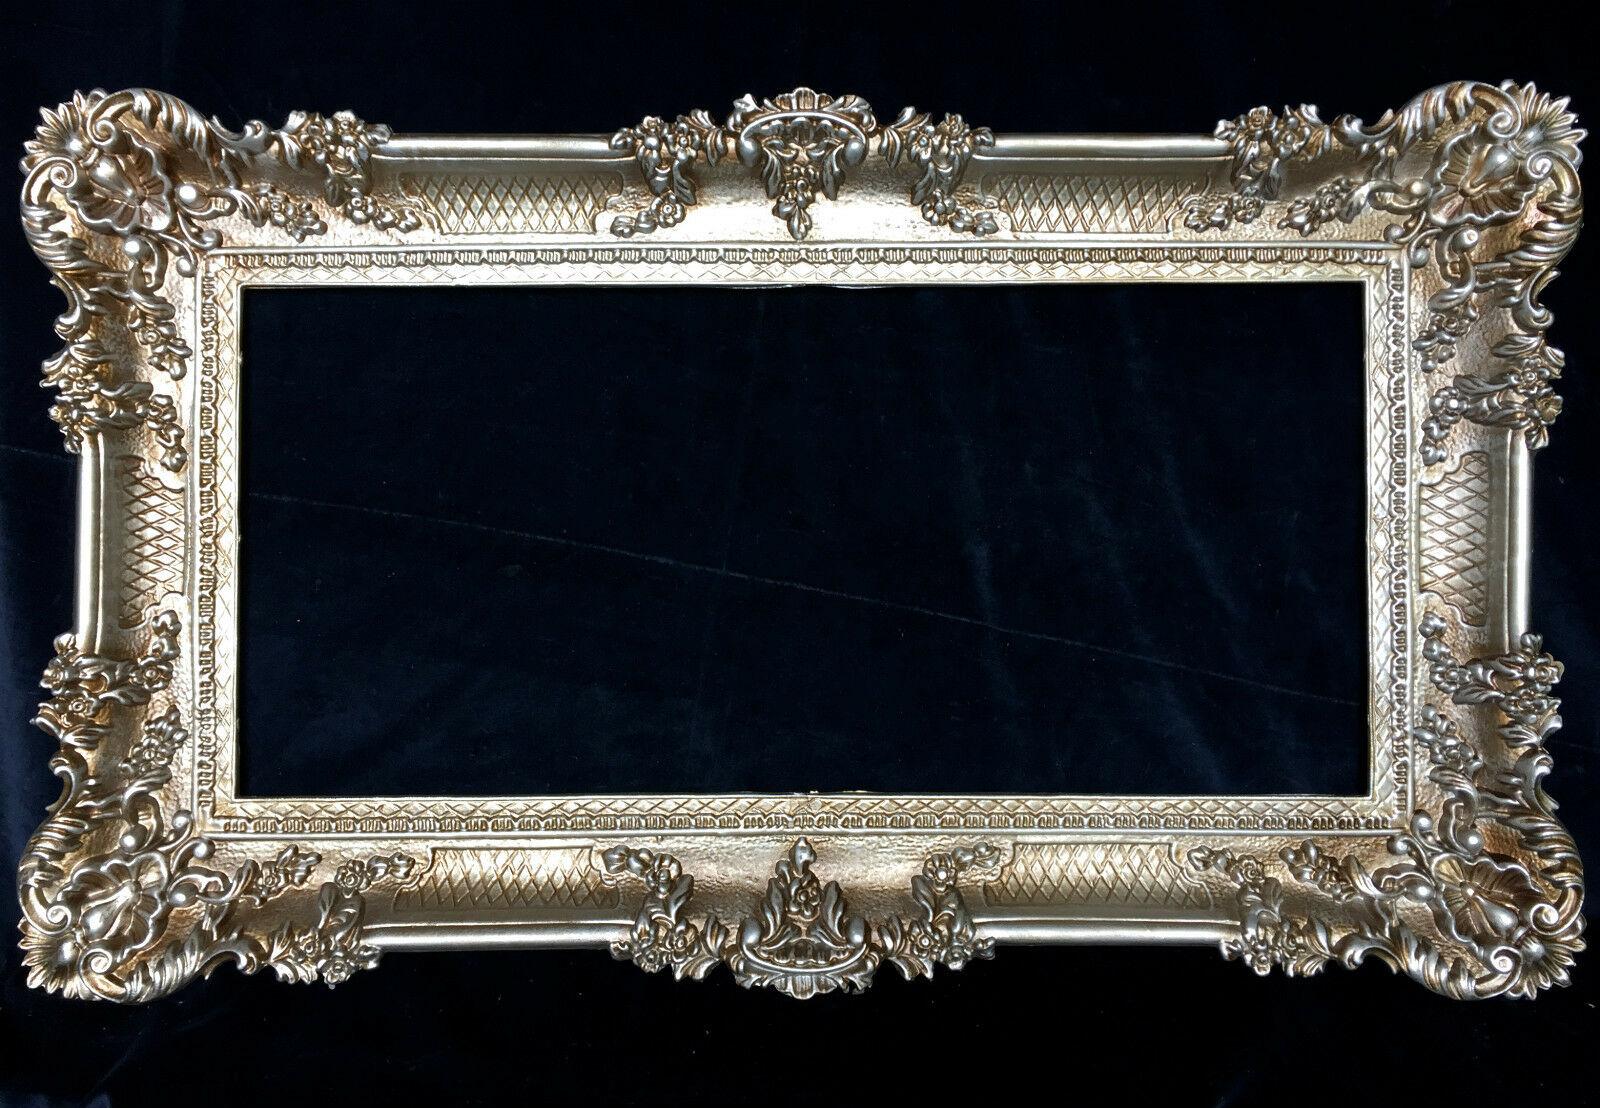 Bilderrahmen Antik Silber Hochzeitsrahmen 97x57 xxl Fotorahmen mit ...